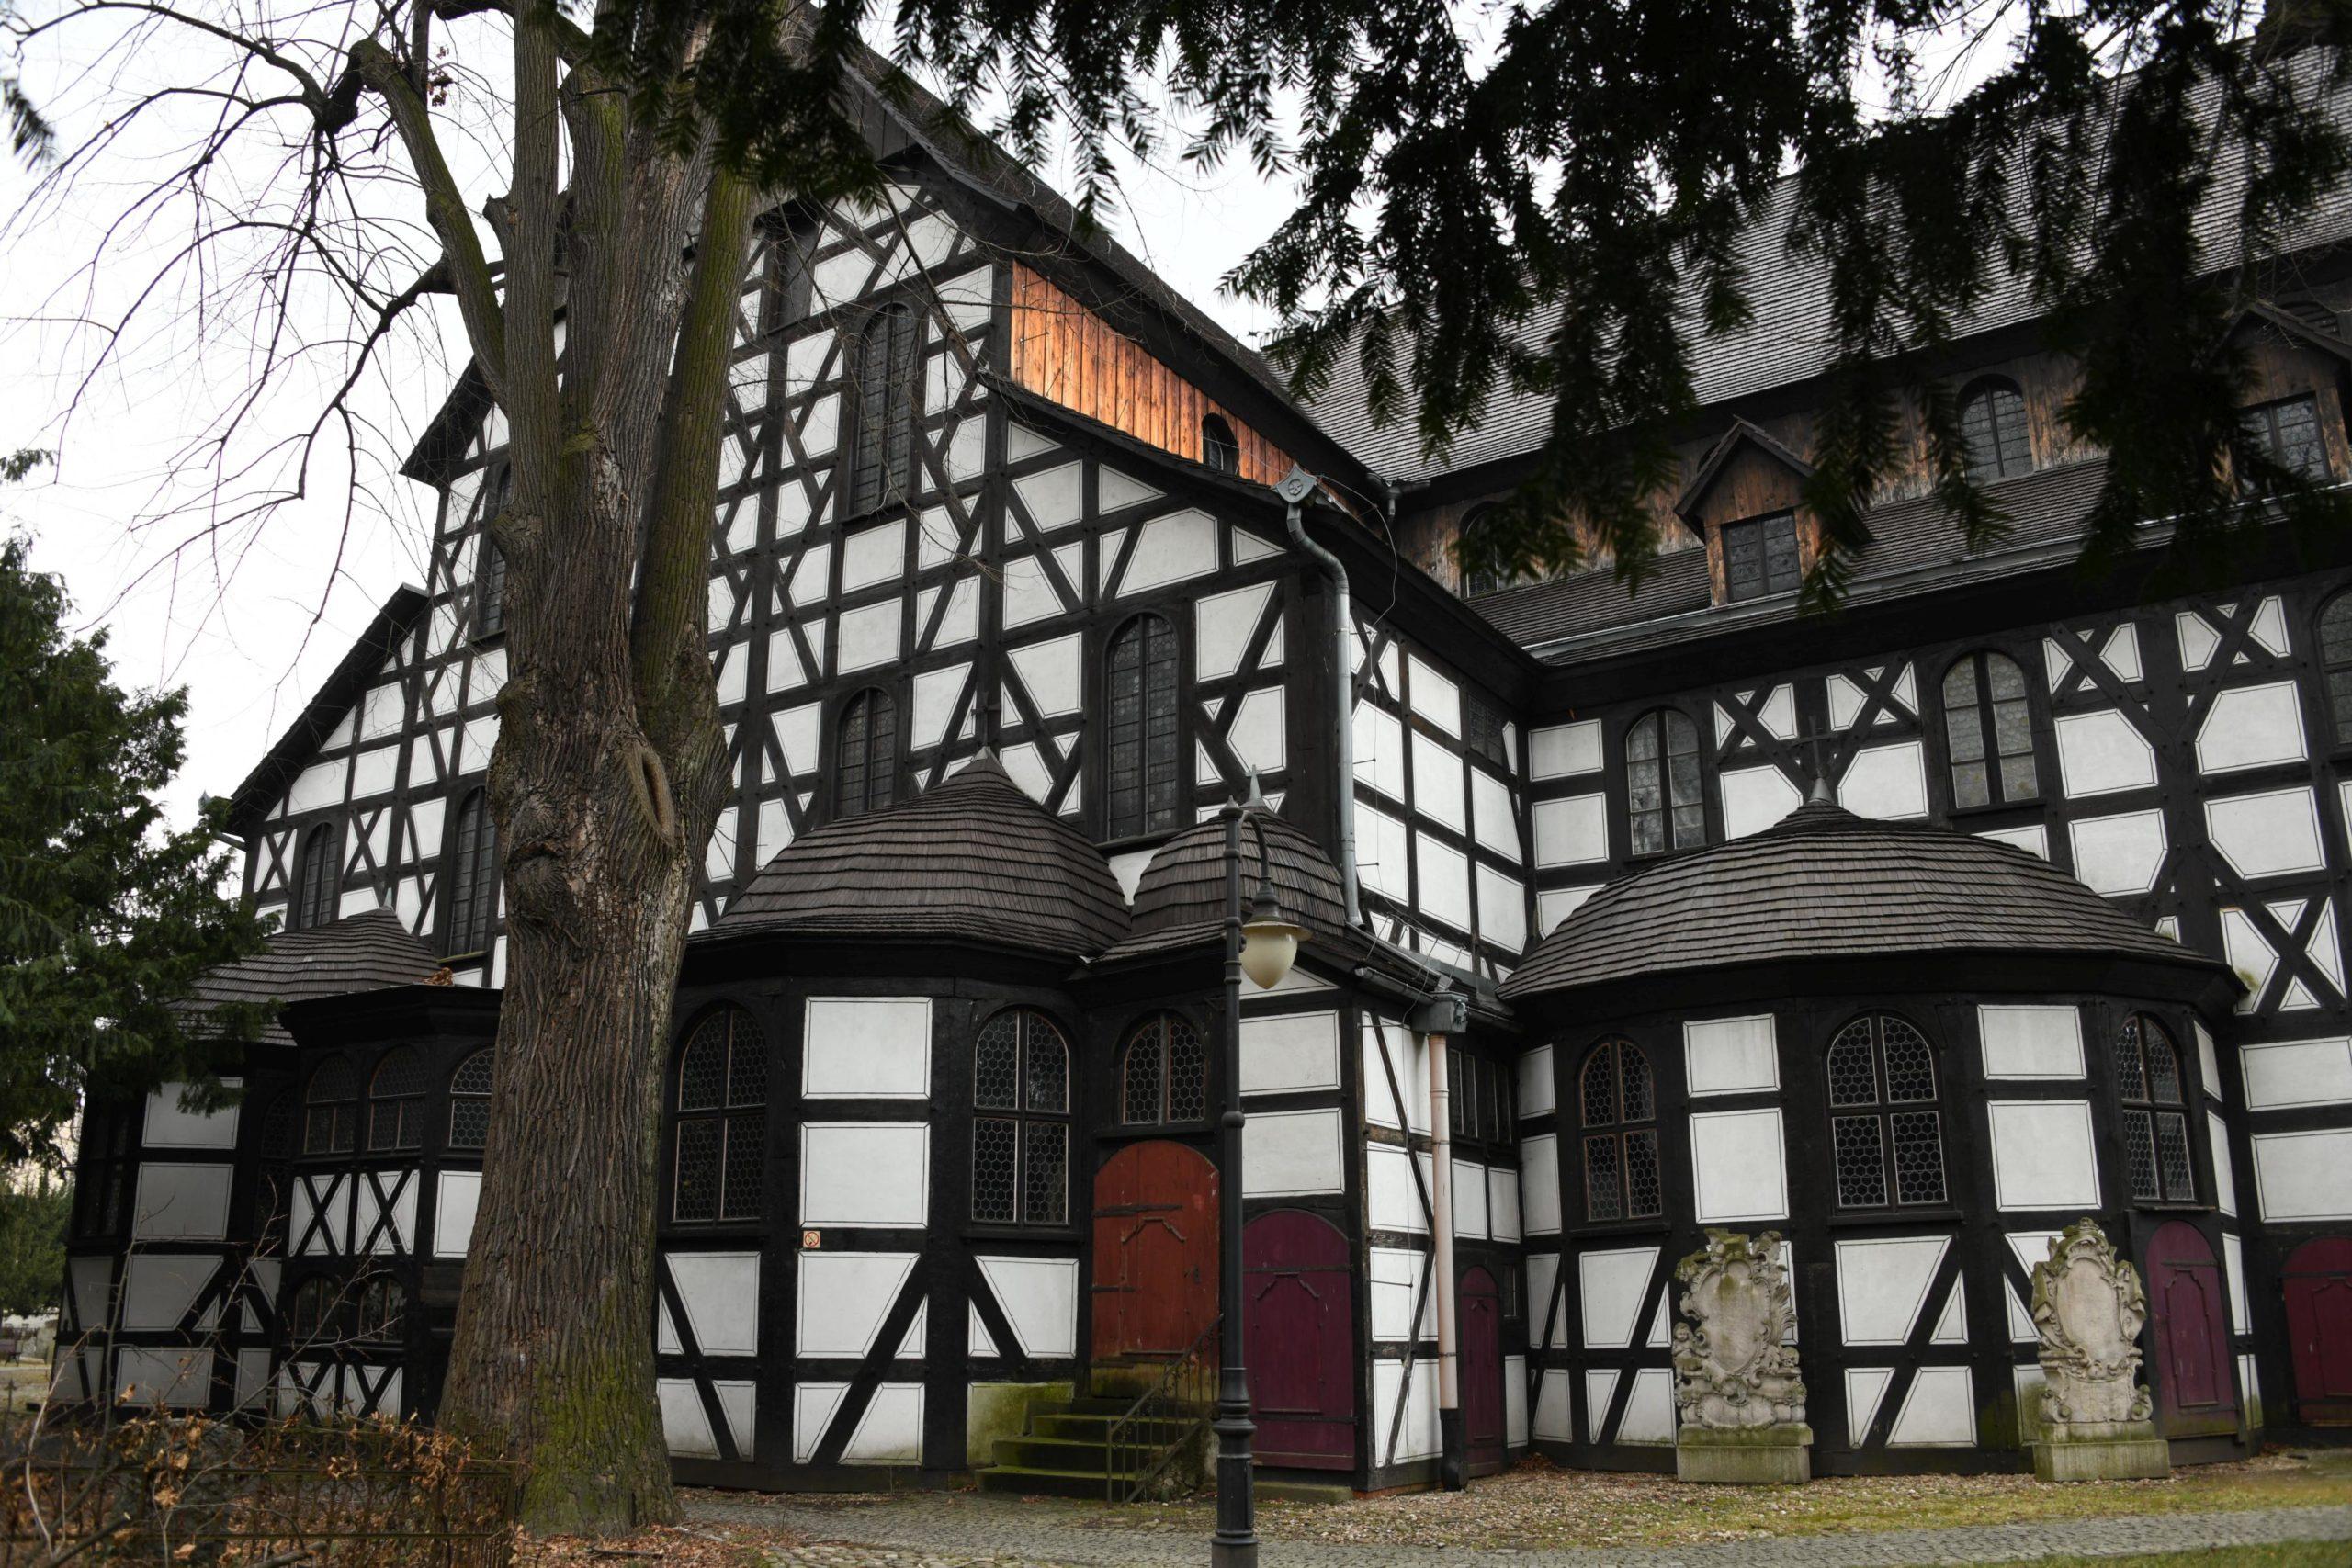 Swidnica Church of Peace, black and white facade, wooden church, Kościół Pokoju Świdnica, biało-czarna fasada, drewniany kościół